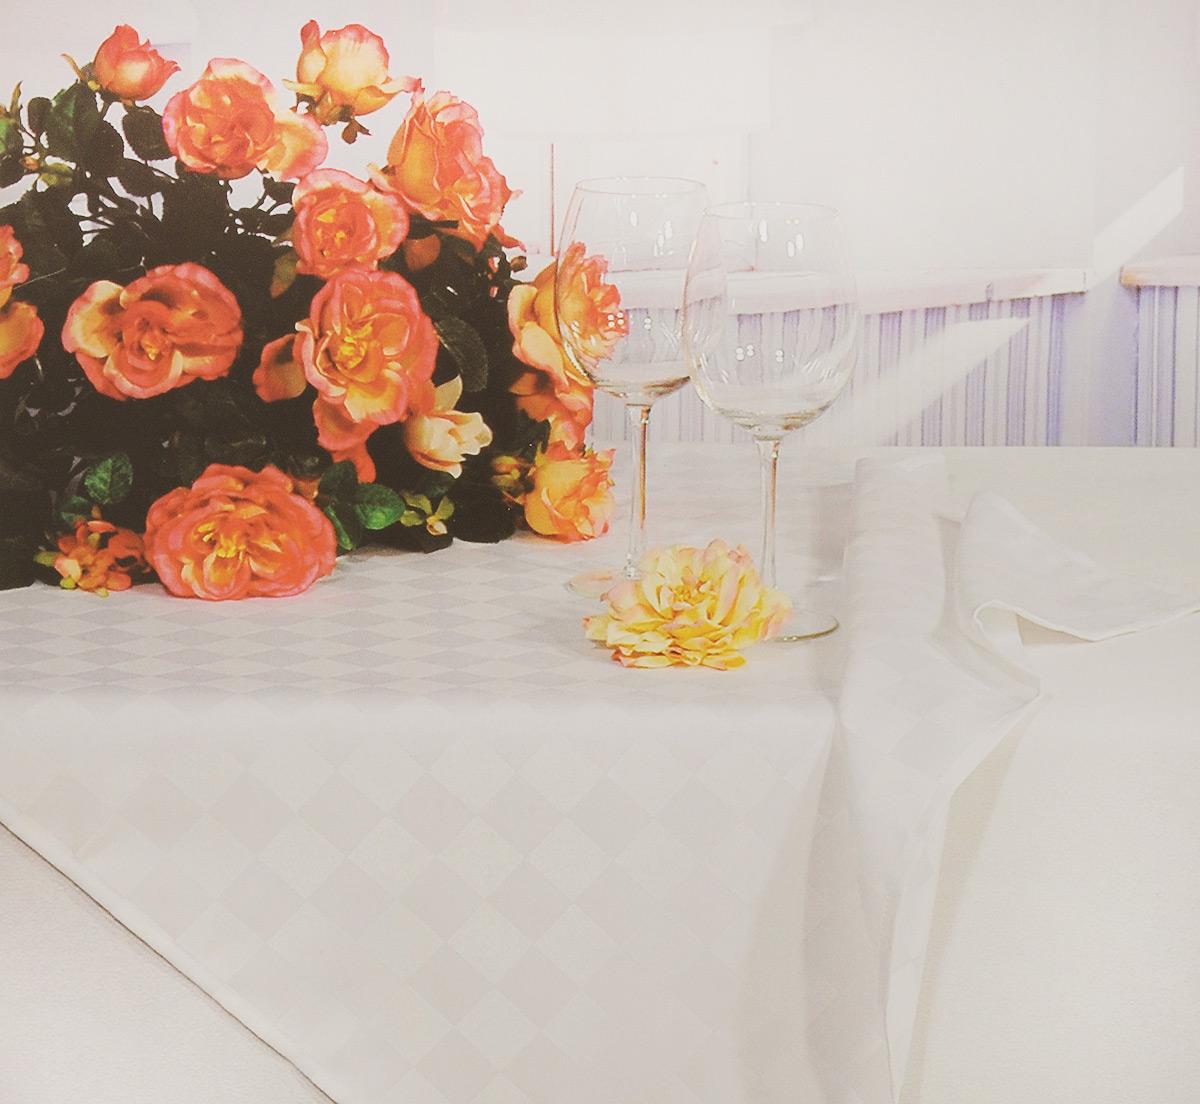 Скатерть Schaefer, прямоугольная, цвет: светло-бежевый, 160 x 220 см. 4169/FB.004169/FB.00 Скатерть, 160*220 смПрямоугольная скатерть Schaefer, выполненная из полиэстера с оригинальным рисунком, станет изысканным украшением кухонного стола. За текстилем из полиэстера очень легко ухаживать: он не мнется, не садится и быстро сохнет, легко стирается, более долговечен, чем текстиль из натуральных волокон. Использование такой скатерти сделает застолье торжественным, поднимет настроение гостей и приятно удивит их вашим изысканным вкусом. Также вы можете использовать эту скатерть для повседневной трапезы, превратив каждый прием пищи в волшебный праздник и веселье. Это текстильное изделие станет изысканным украшением вашего дома!